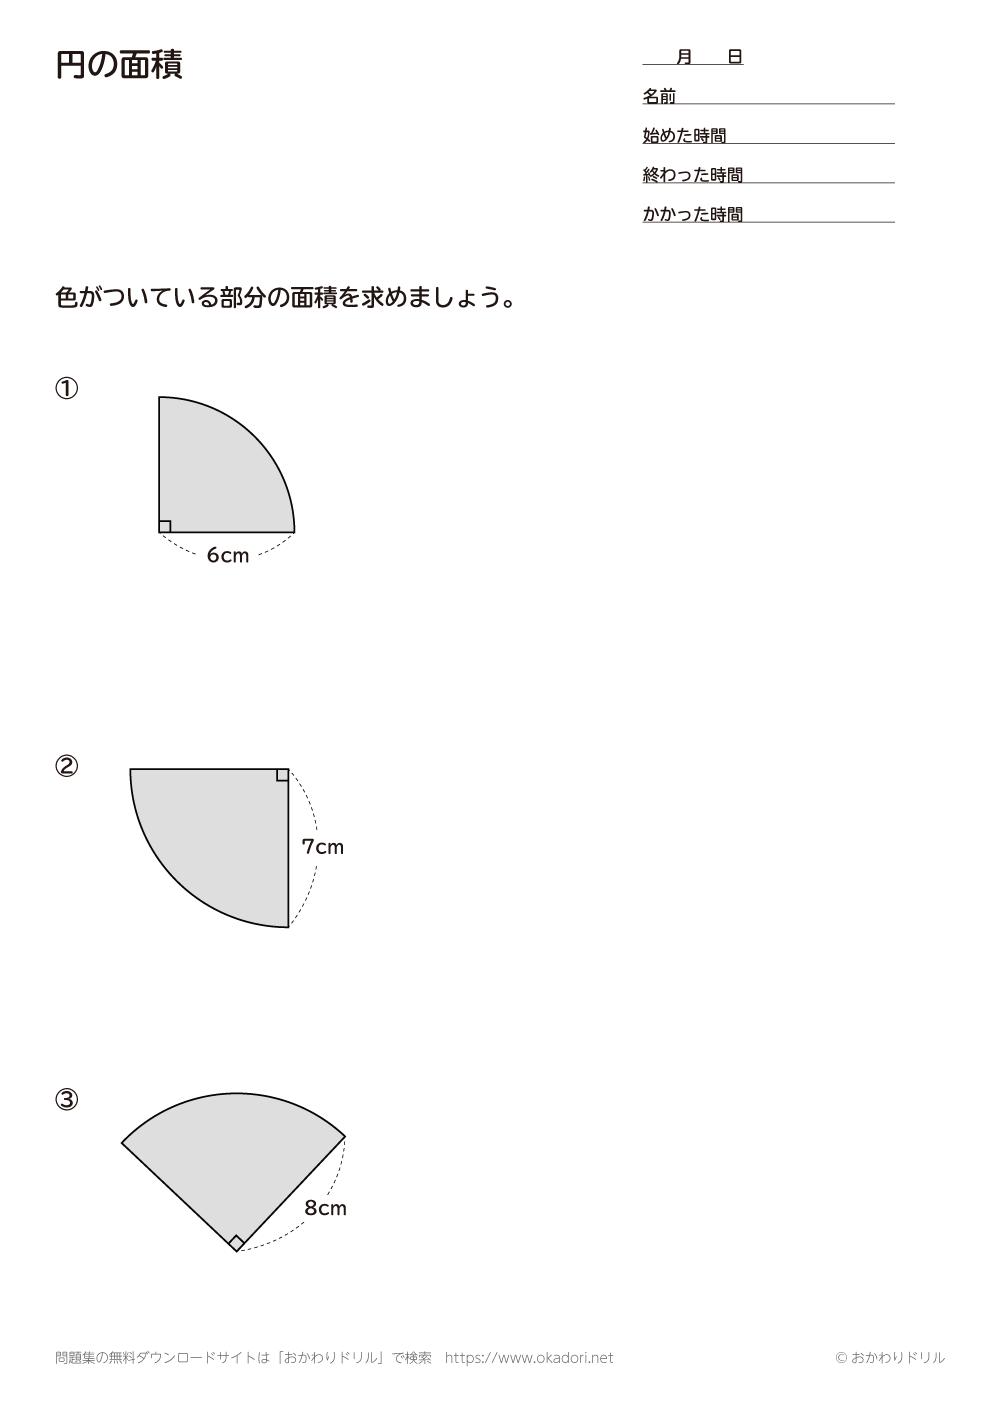 円の面積4